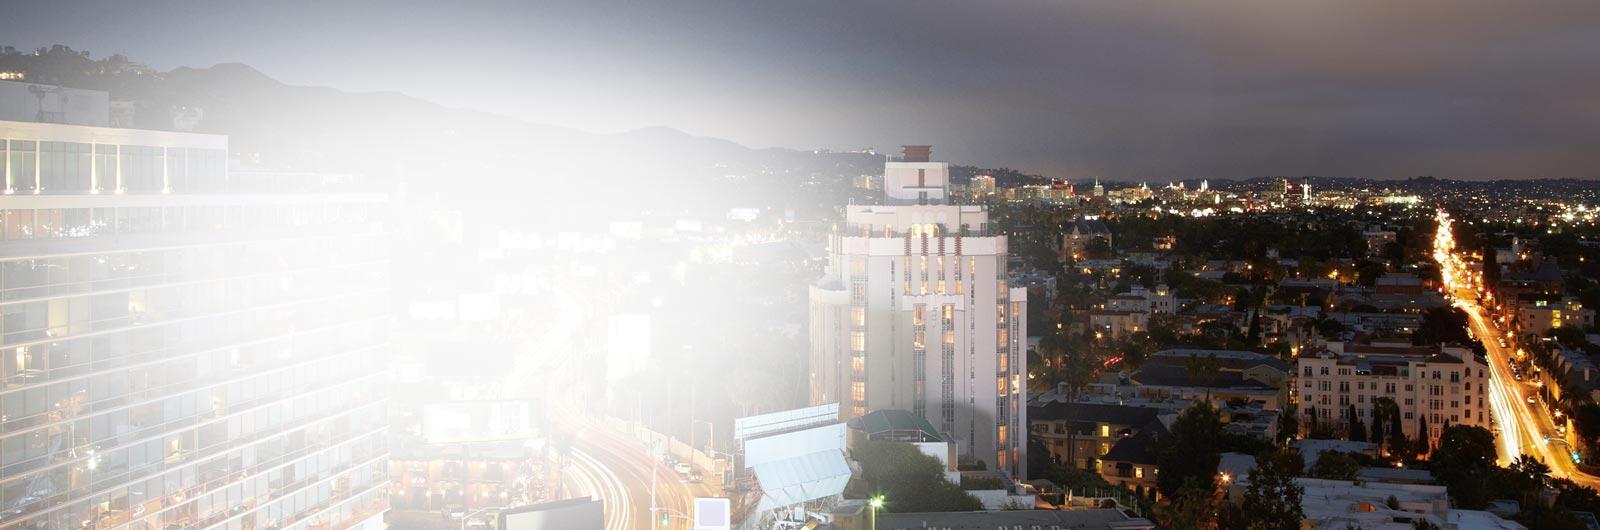 Uma vista noturna de uma grande cidade. Leia his